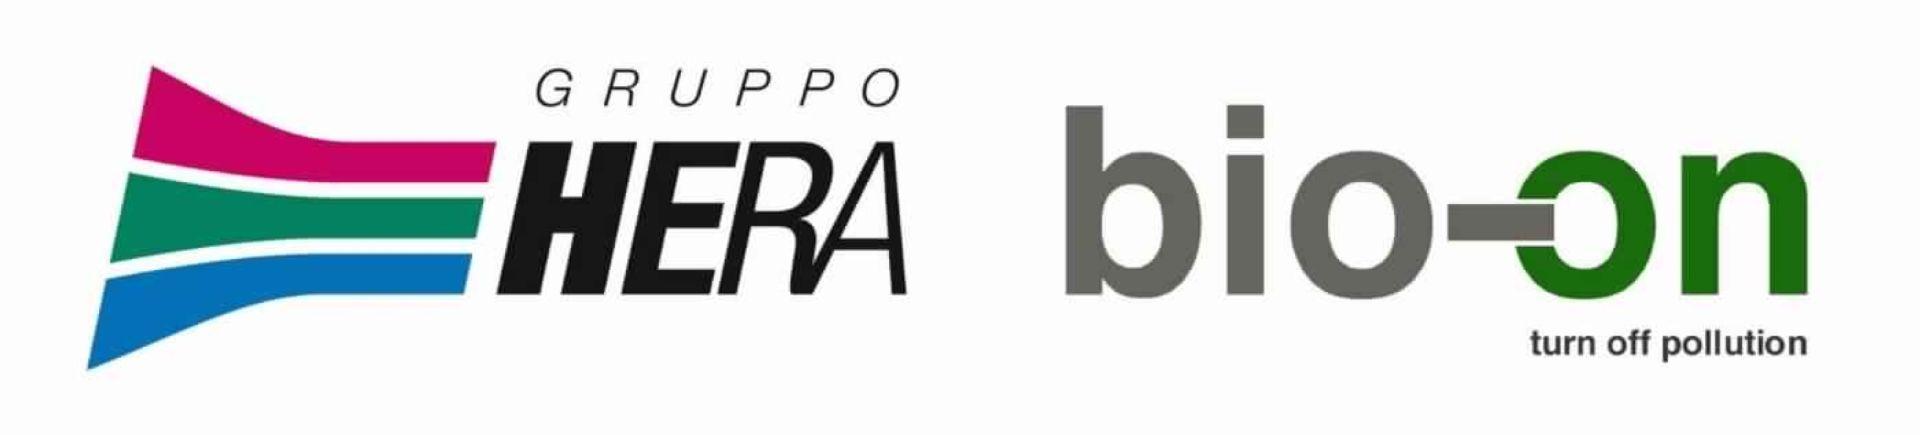 Gruppo Hera and Bio-on